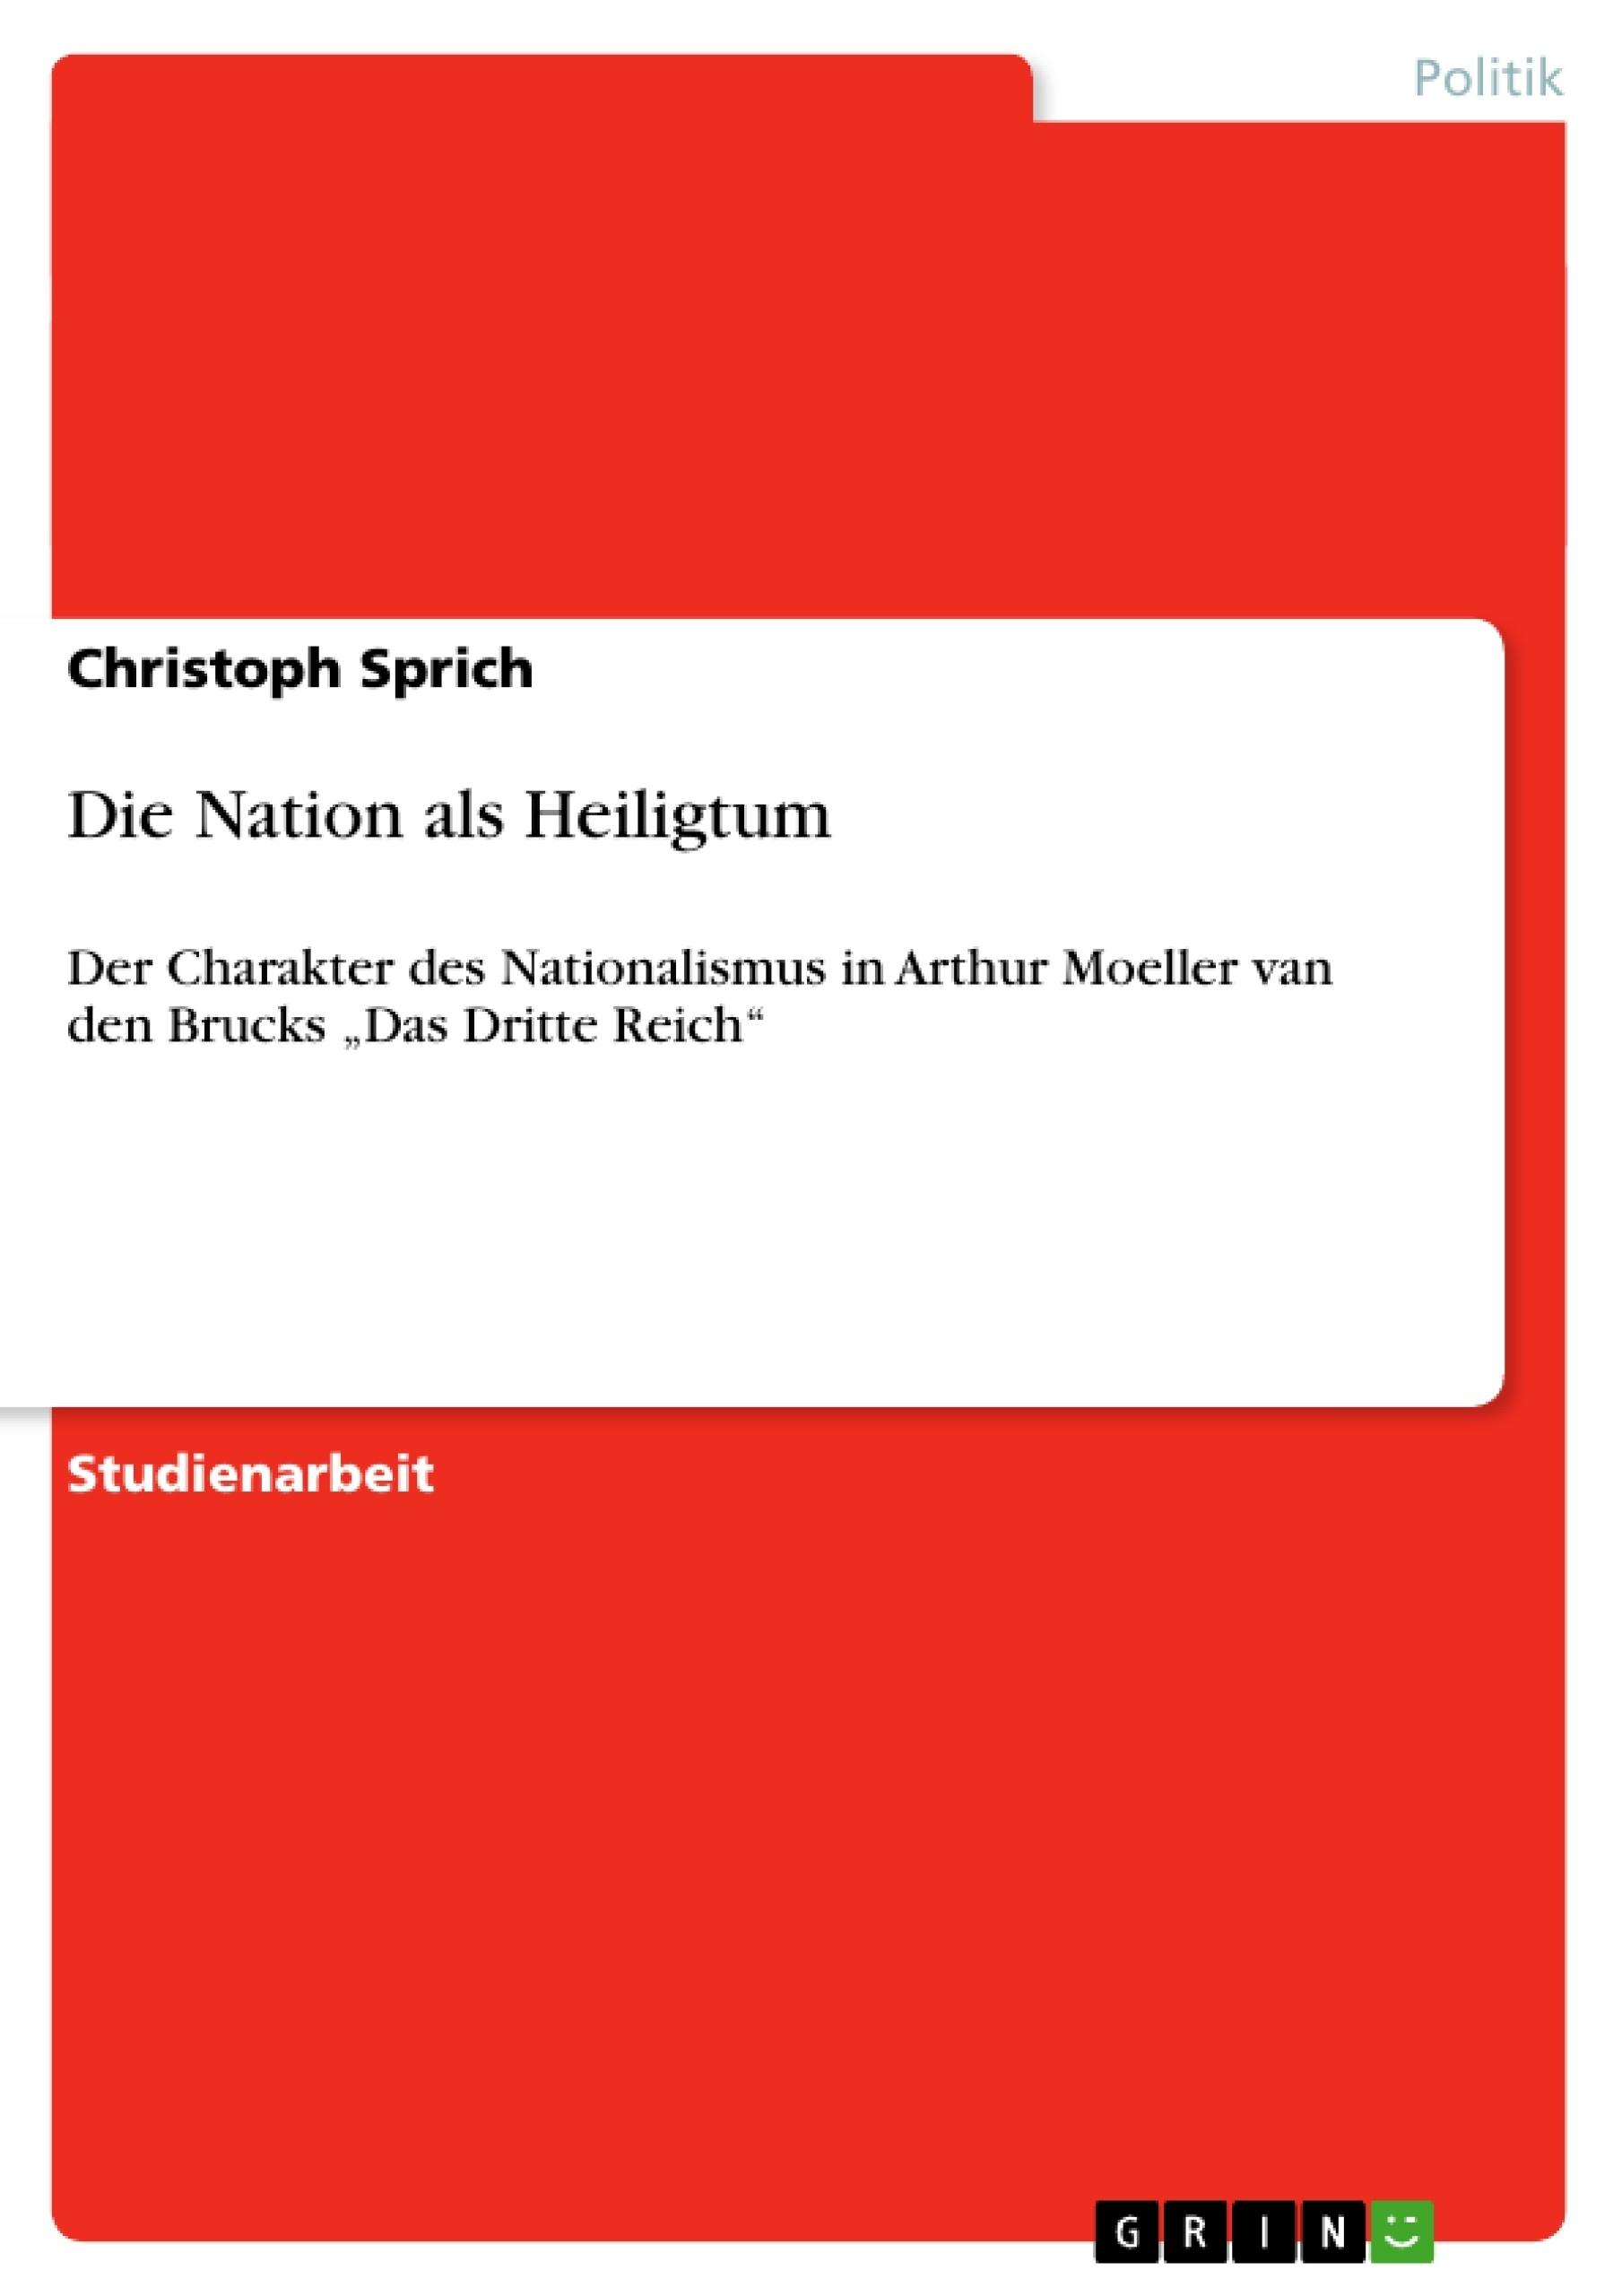 Titel: Die Nation als Heiligtum